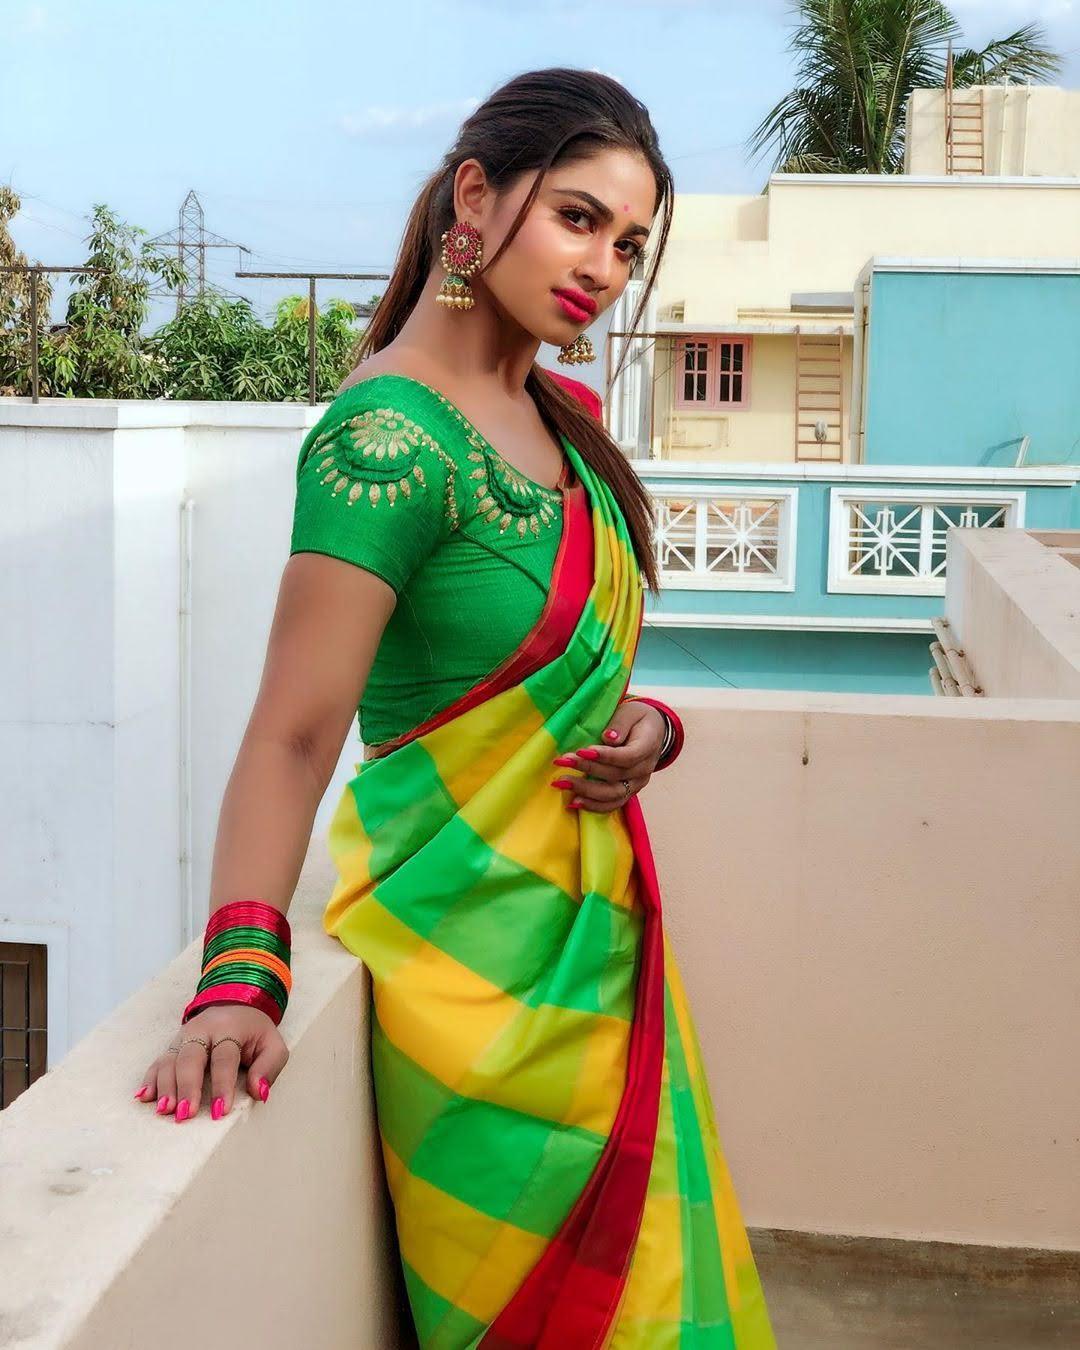 shivani_narayanan_515113194